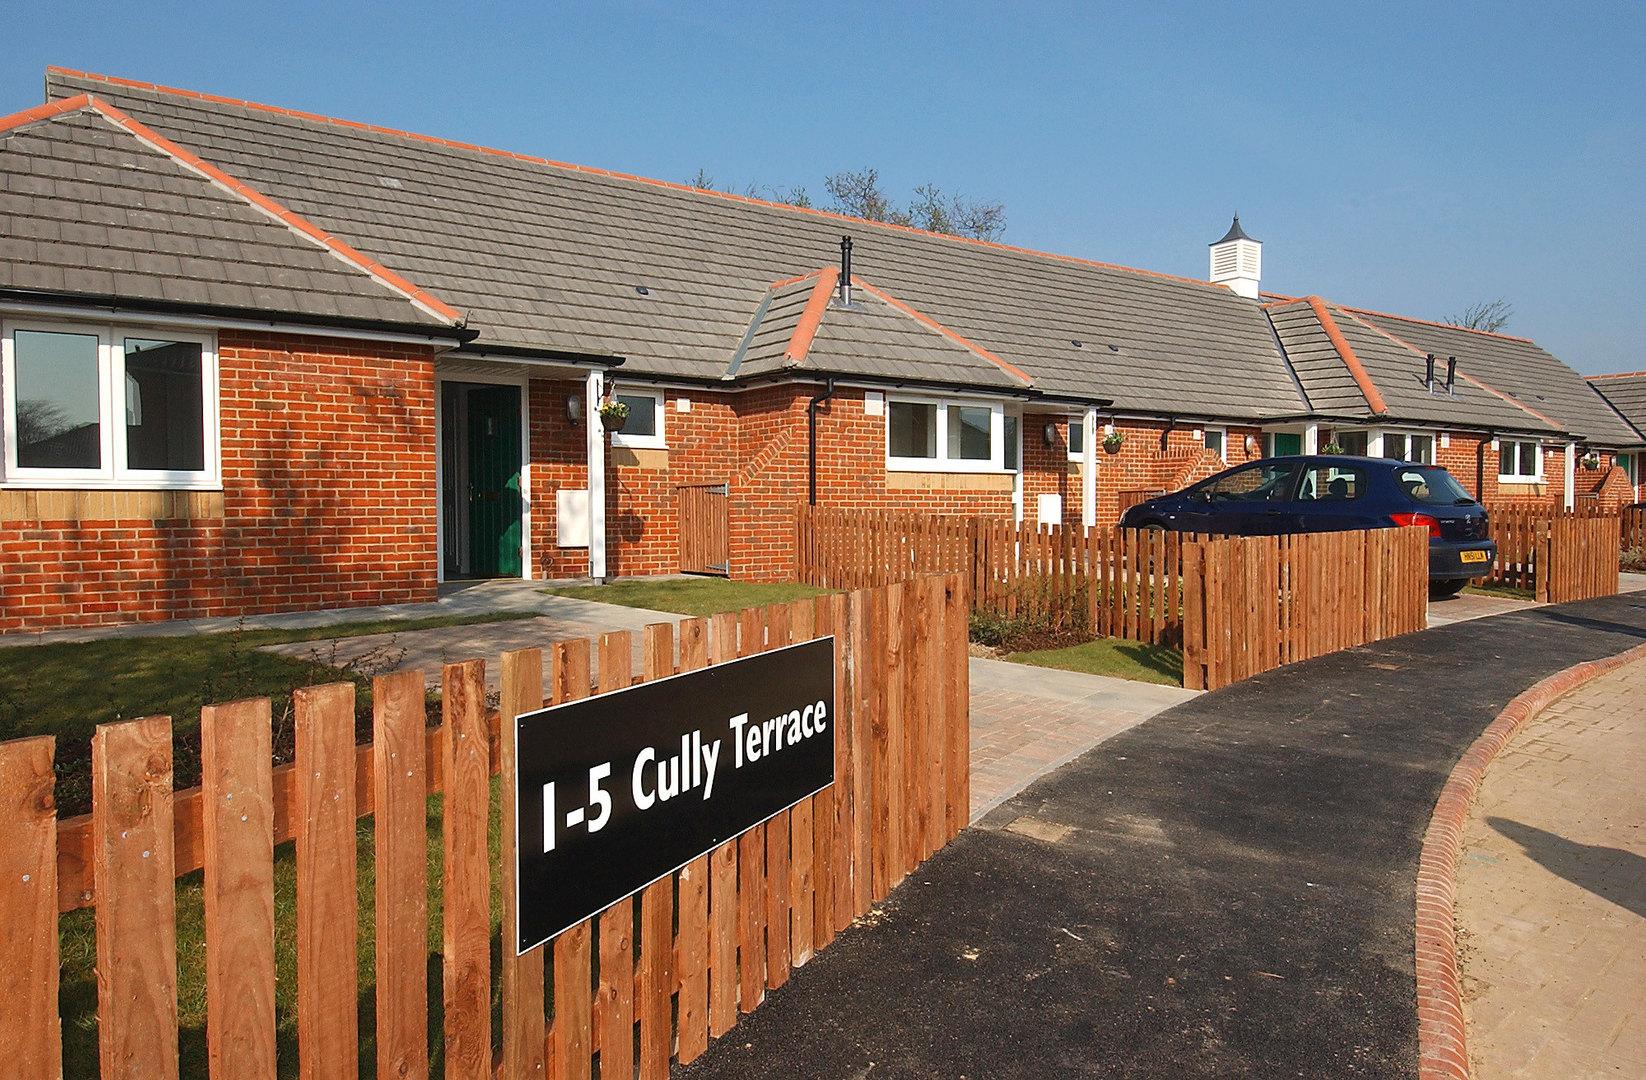 cully terrace 2.jpg